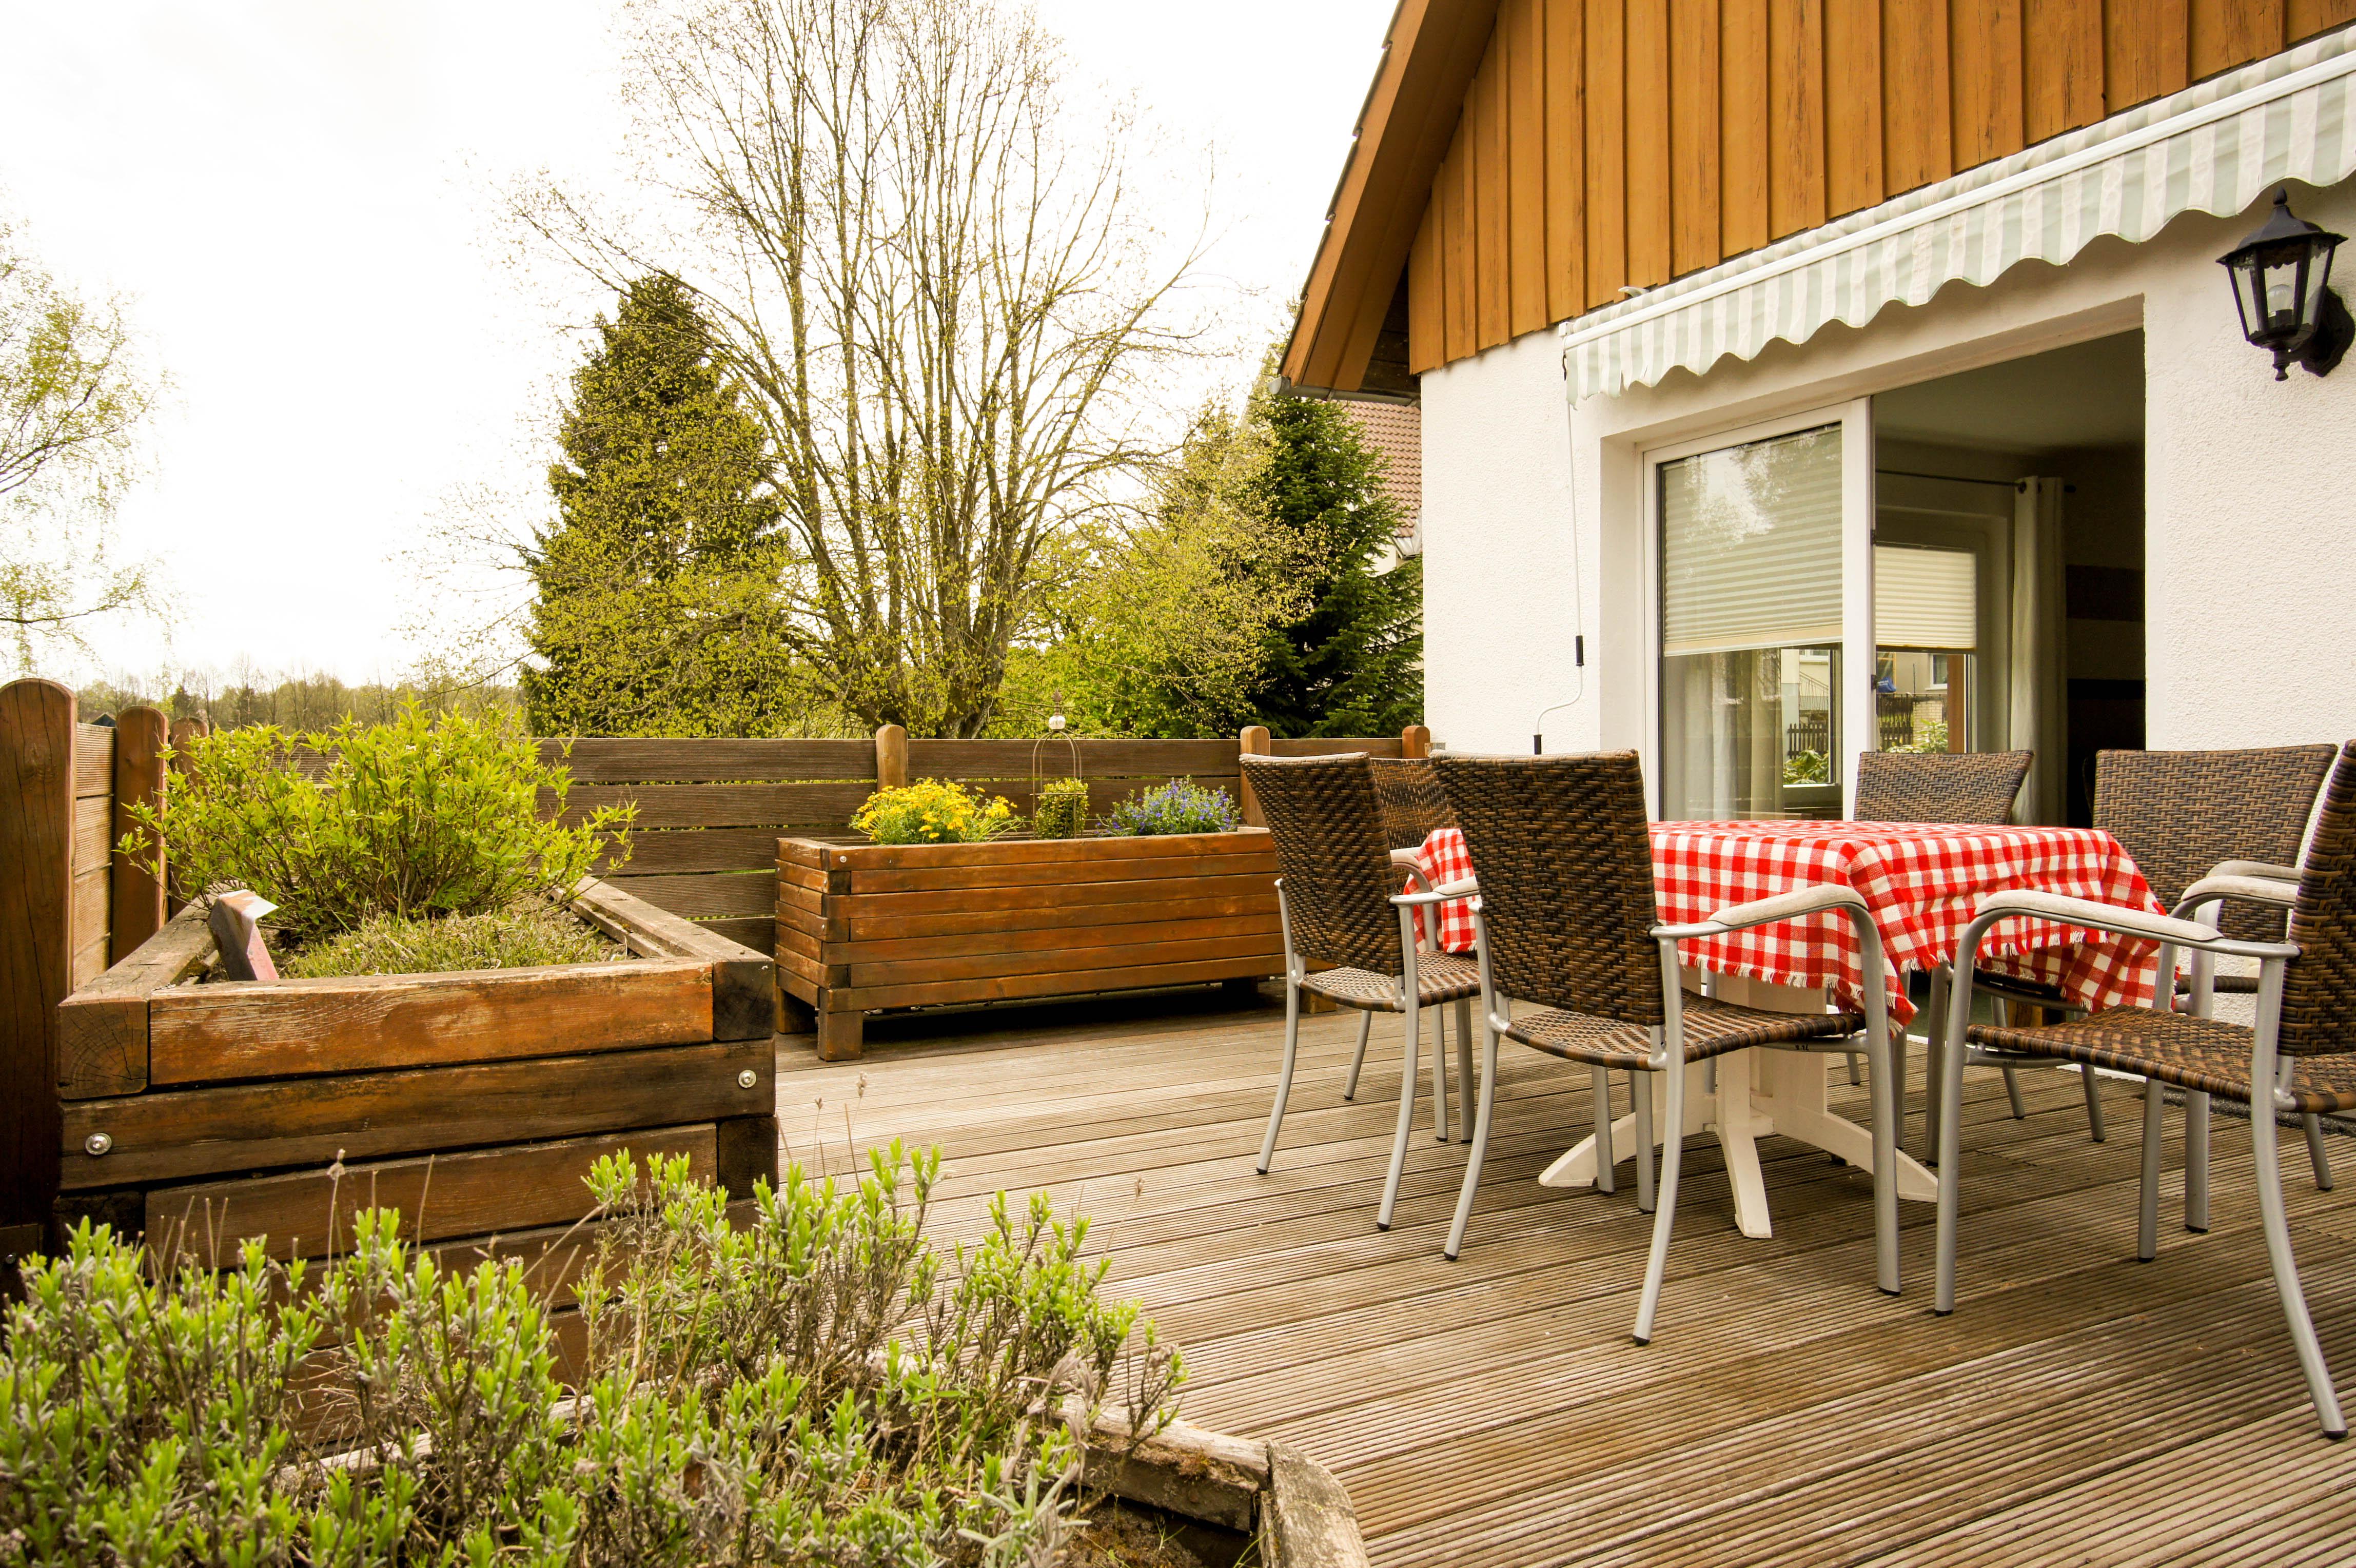 Ferienhaus Blocksberg in Braunlage - Terrasse